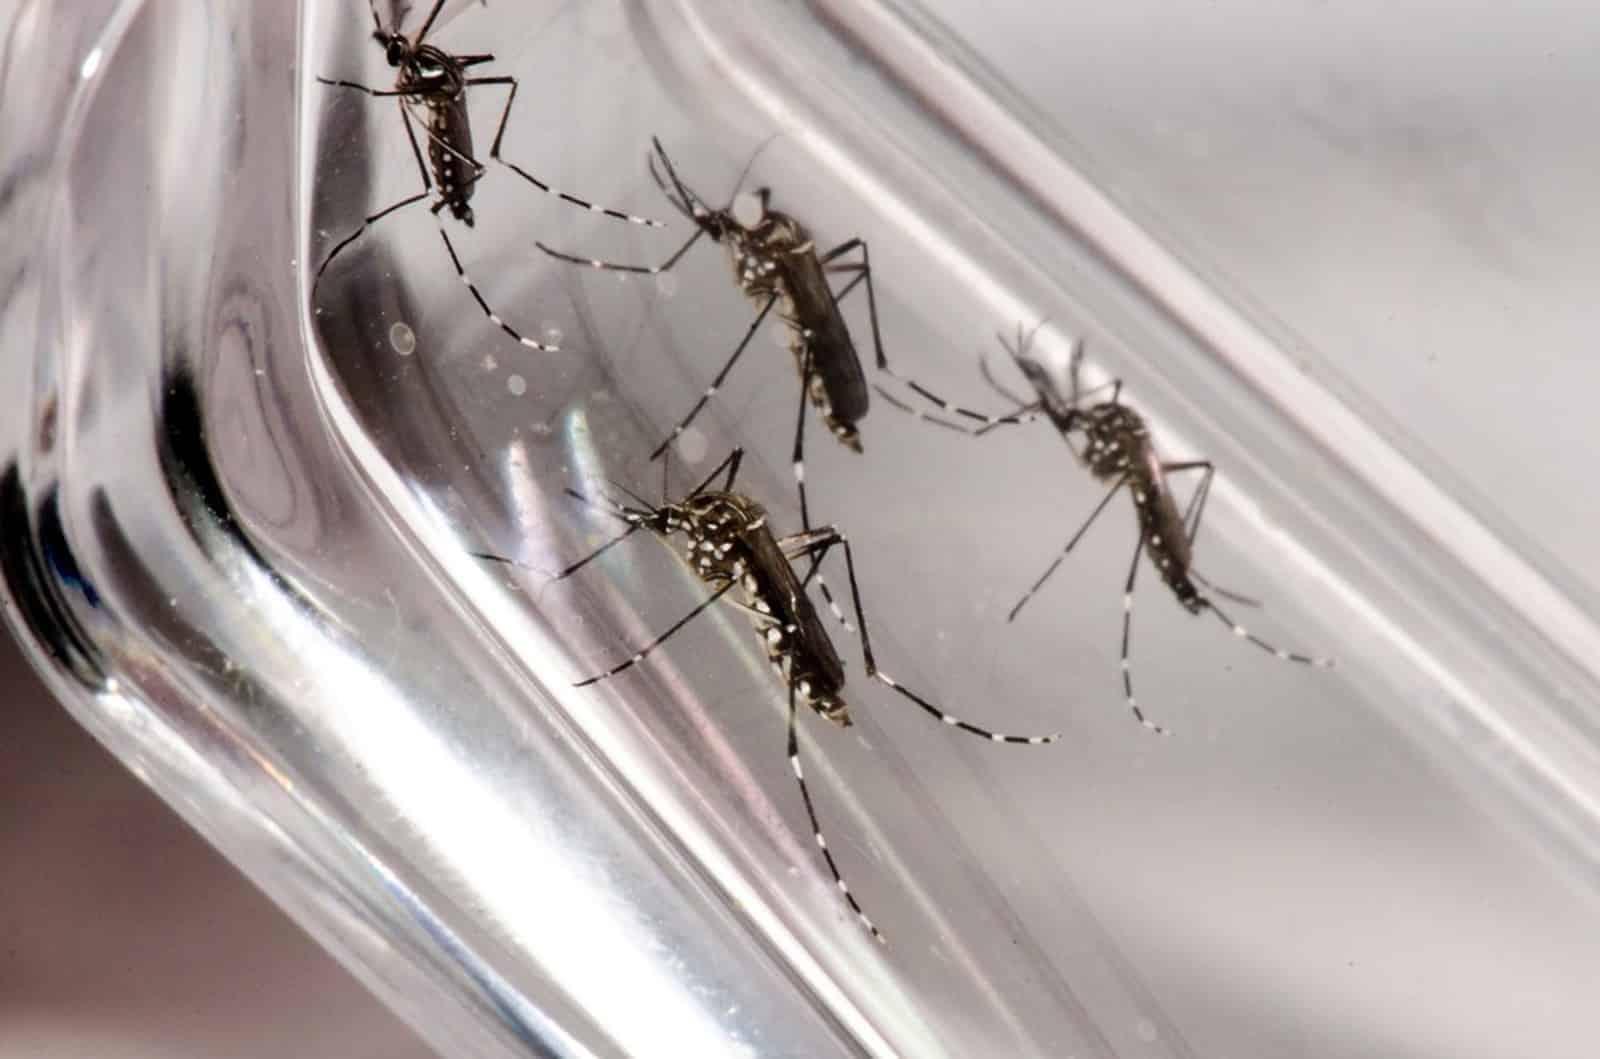 Mosquito Aedes aegypti é o tranmissor da zika, dengue e chikungunya. — Foto: Rodrigo Méxas e Raquel Portugal/Fundação Oswaldo Cruz/Divulgação